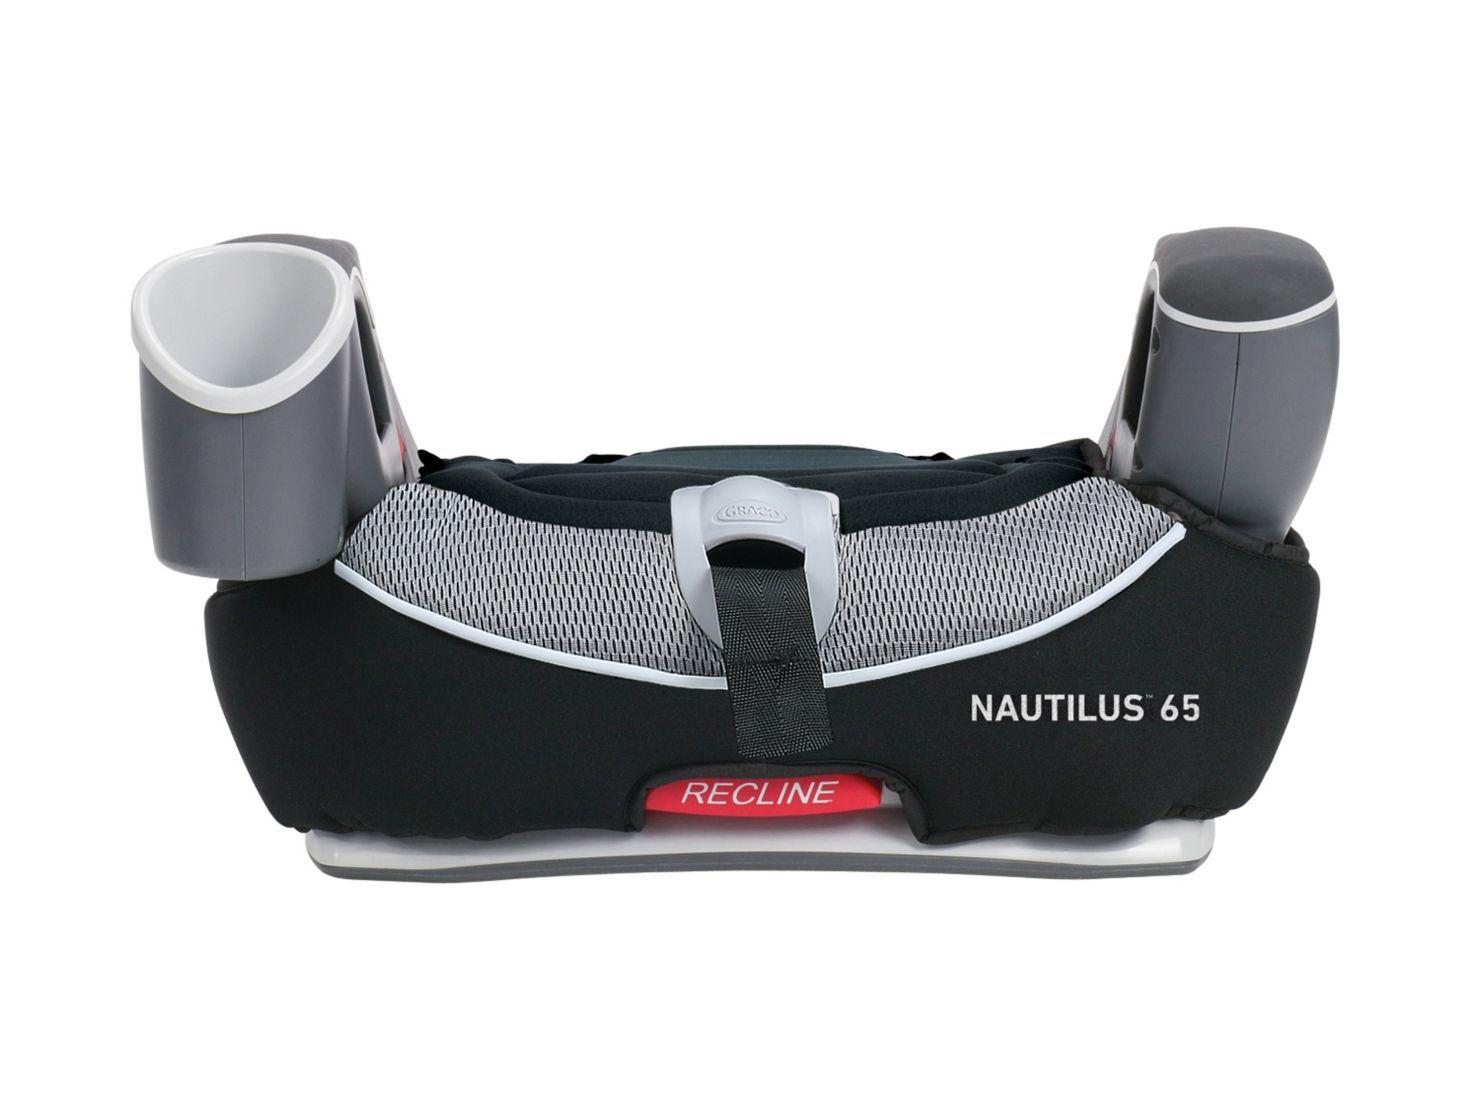 ff3ad0912 Silla Auto Graco Cargo Nautilus 3 en 1 en Coches y Sillas de Auto ...